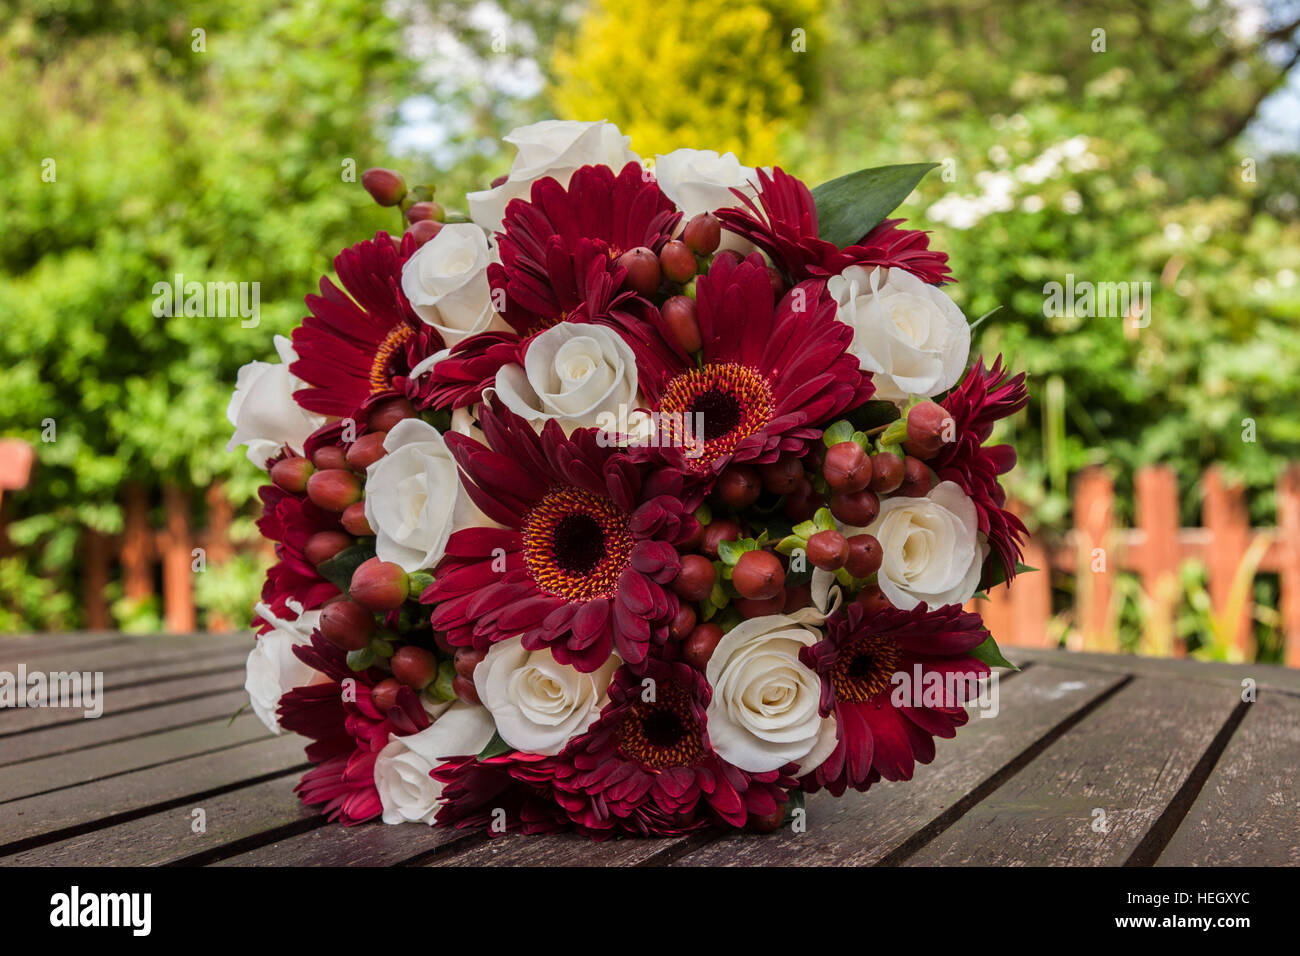 Brautstrauss Aus Weissen Rosen Und Roten Gerbera Stockfoto Bild